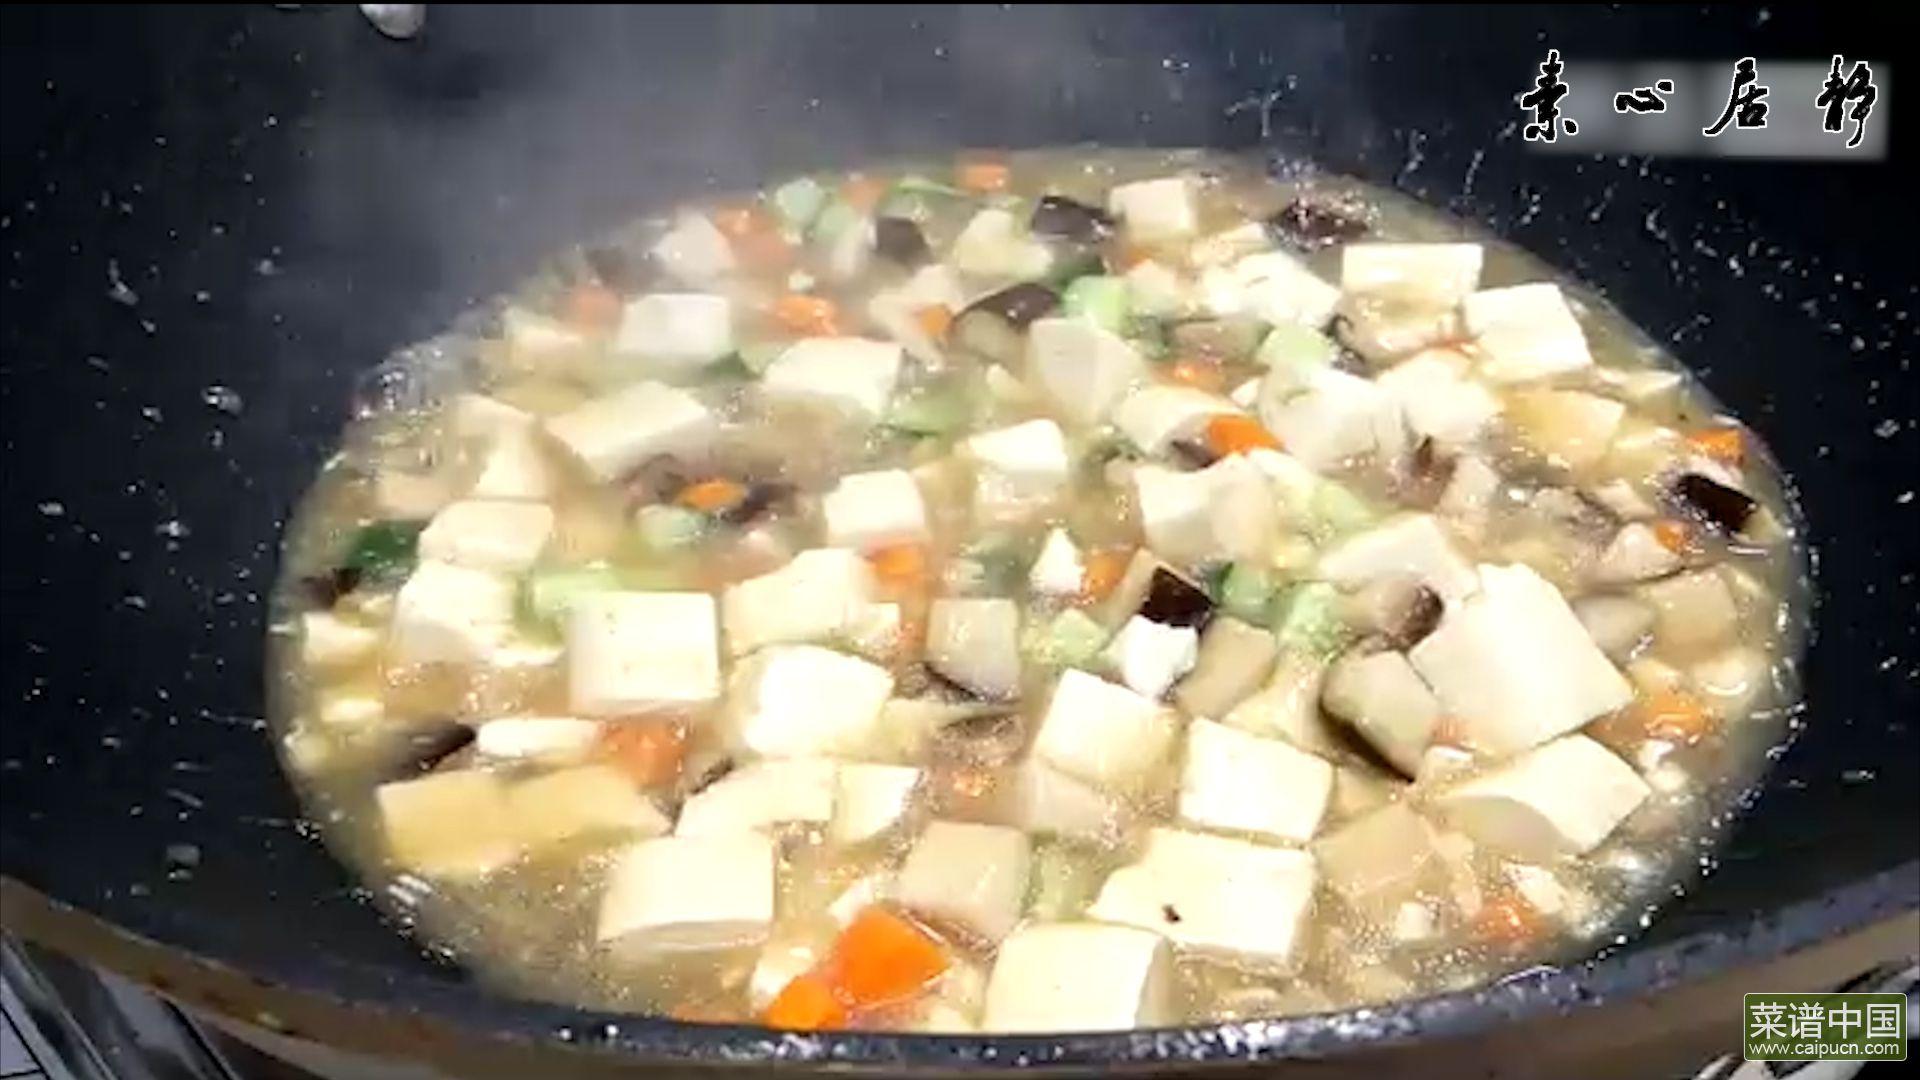 三鲜炖豆腐【素心居静庄青山】的做法步骤16